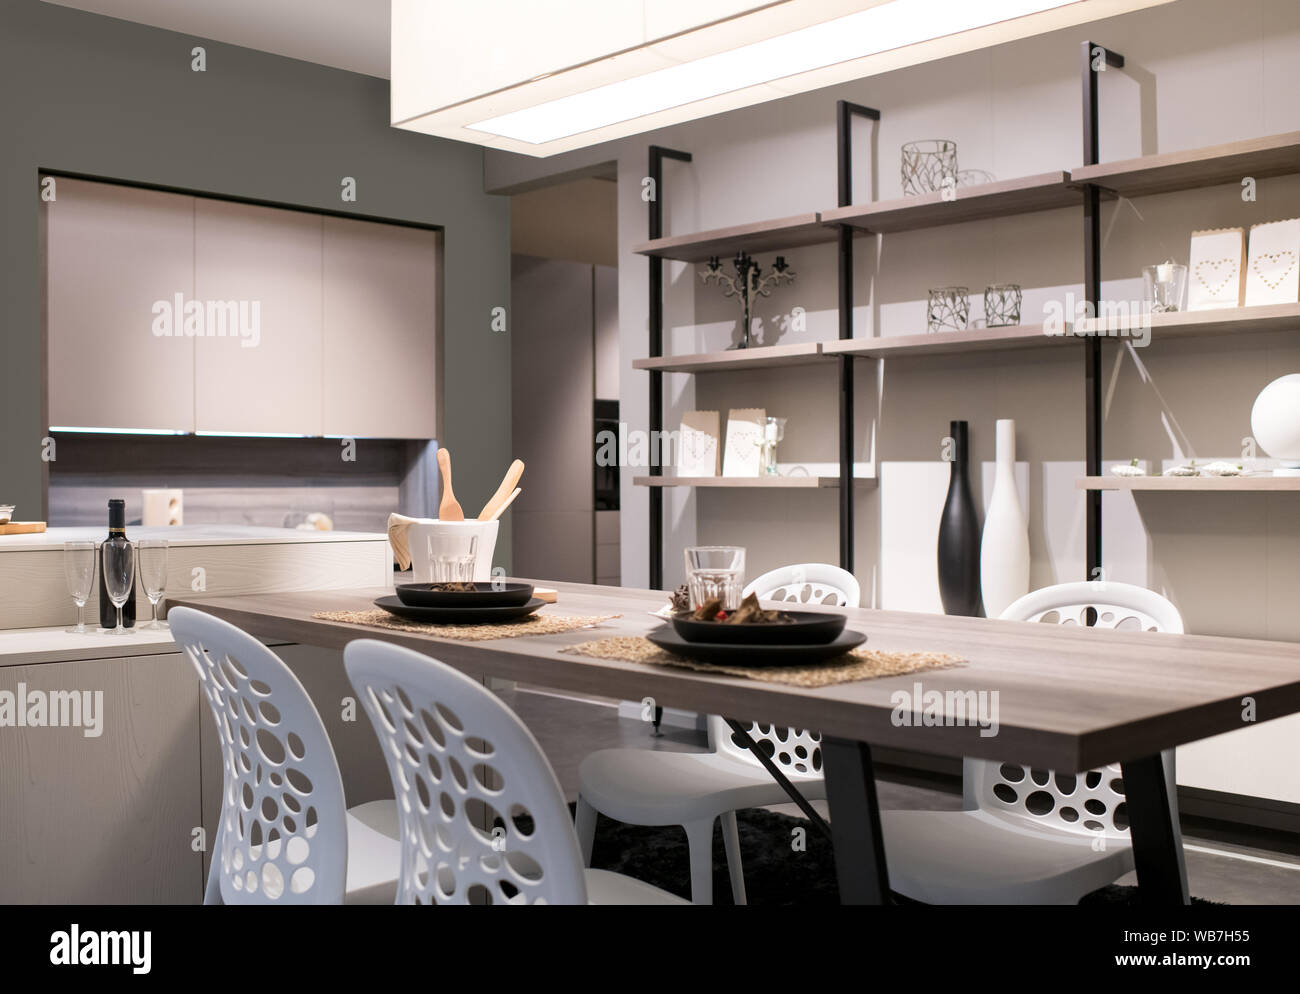 Cocina y comedor con decoración beige neutro, Estanterías de pared y una moderna unidad de sillas y mesa iluminada por una gran sobrecarga de luz de techo Foto de stock